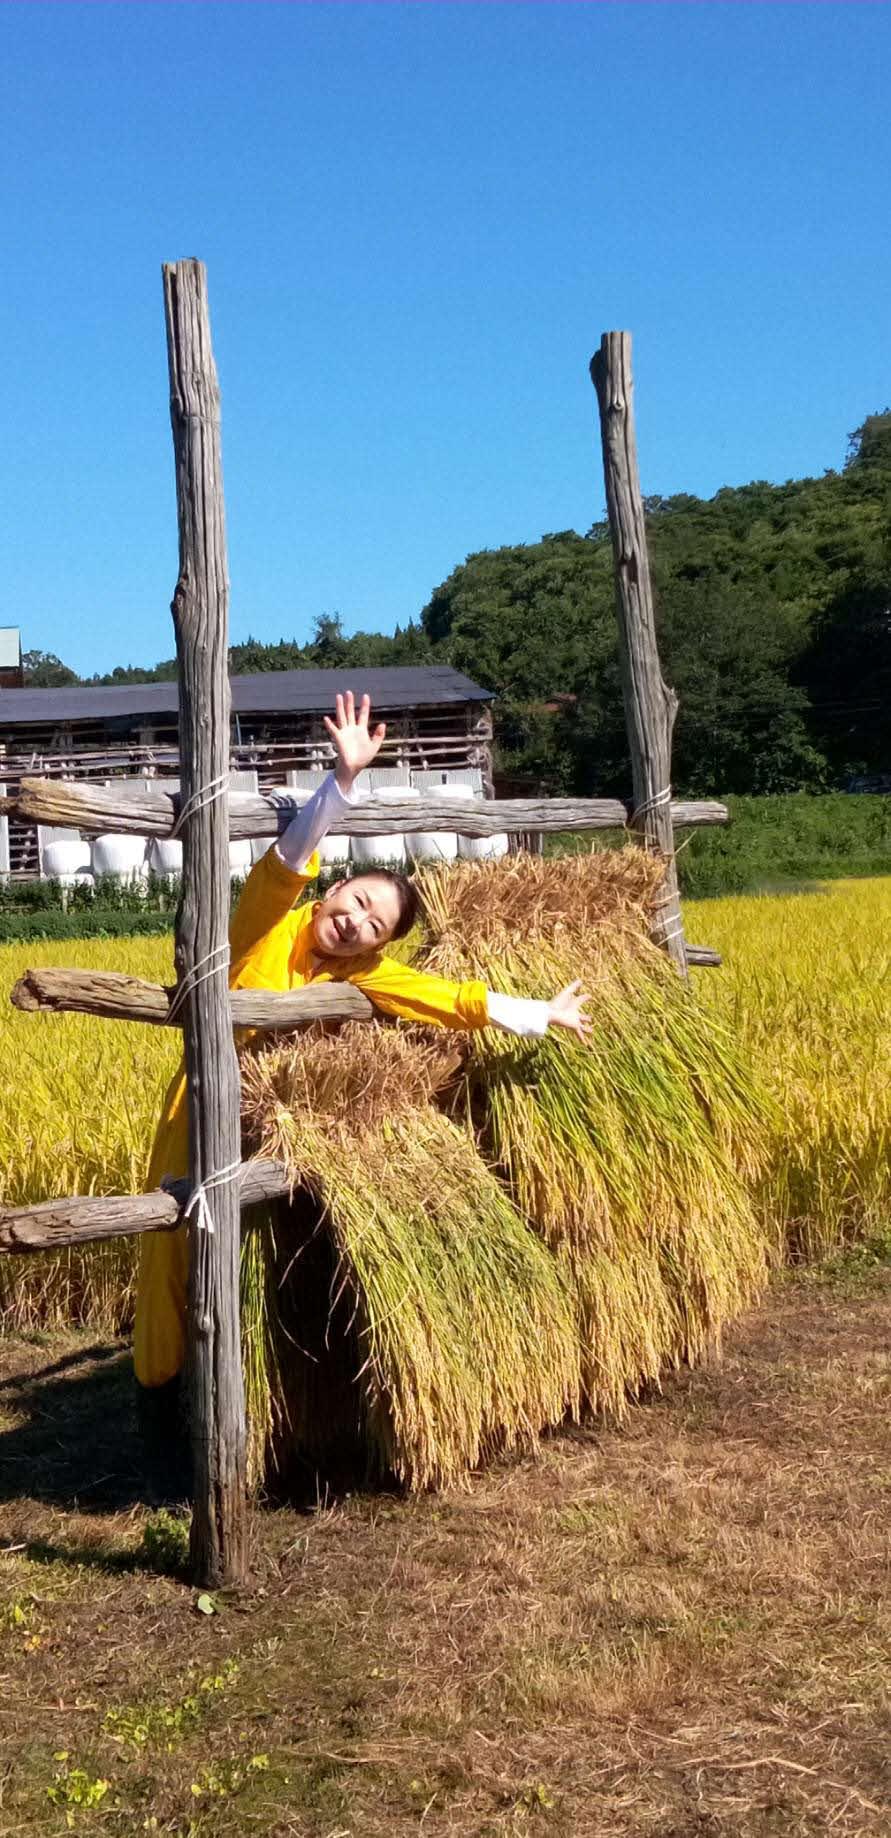 秋田県の実家で稲刈りを行った岩本公水